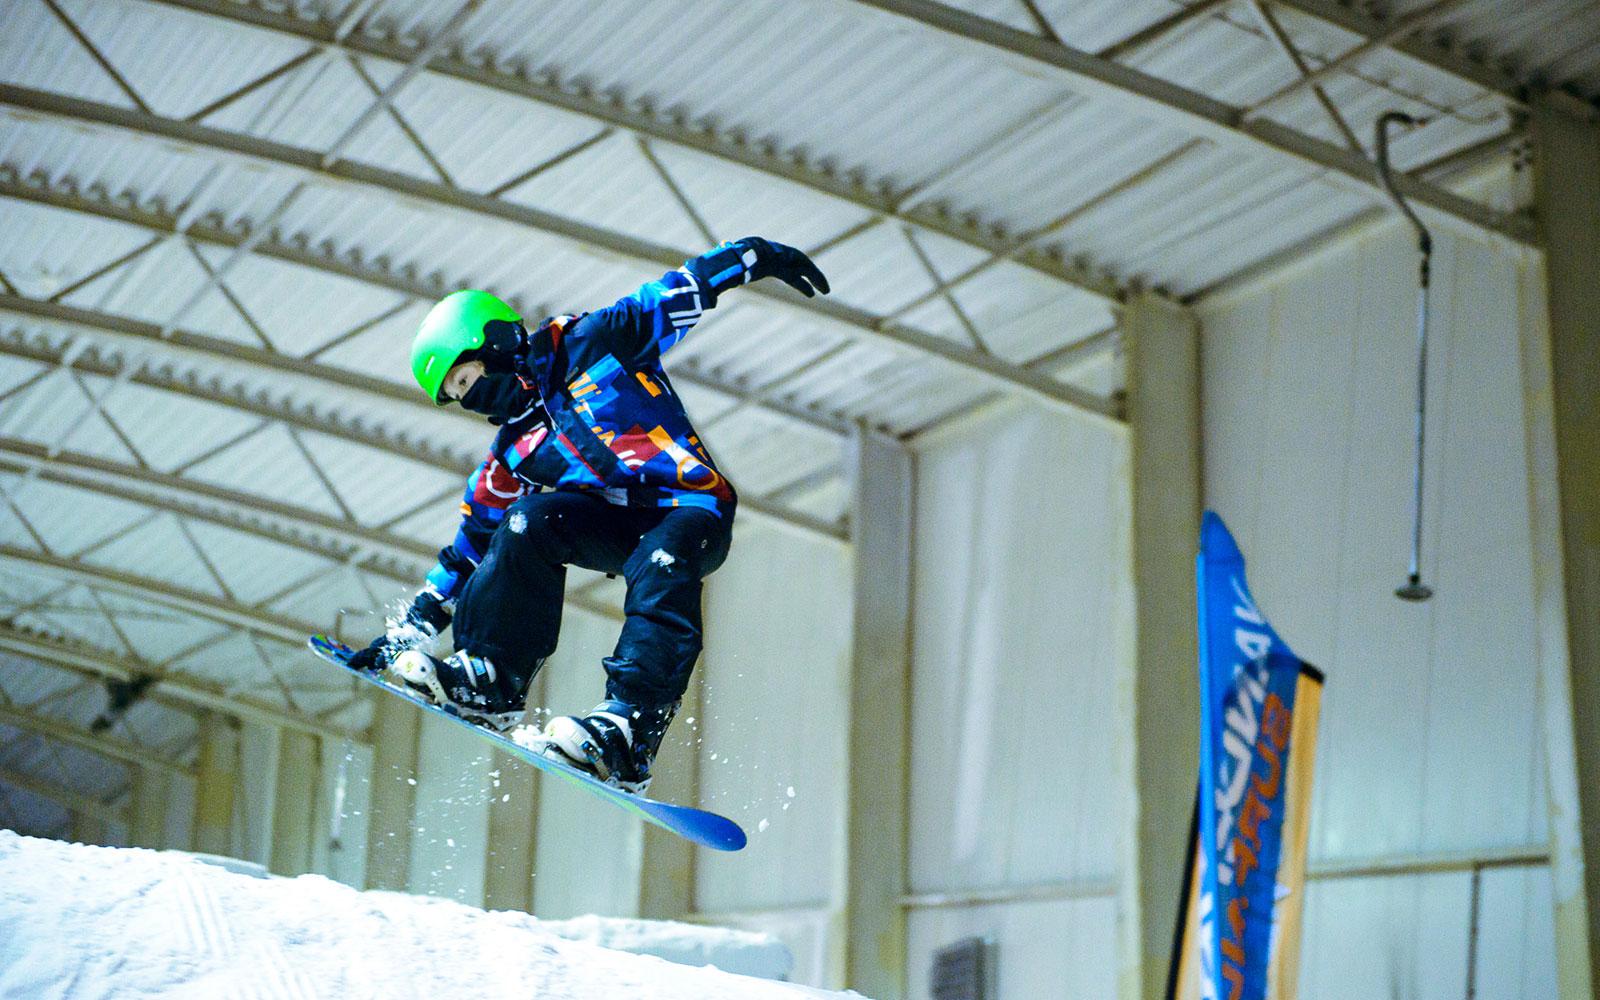 Naschoolse snowboarding bij Snow Planet Amsterdam